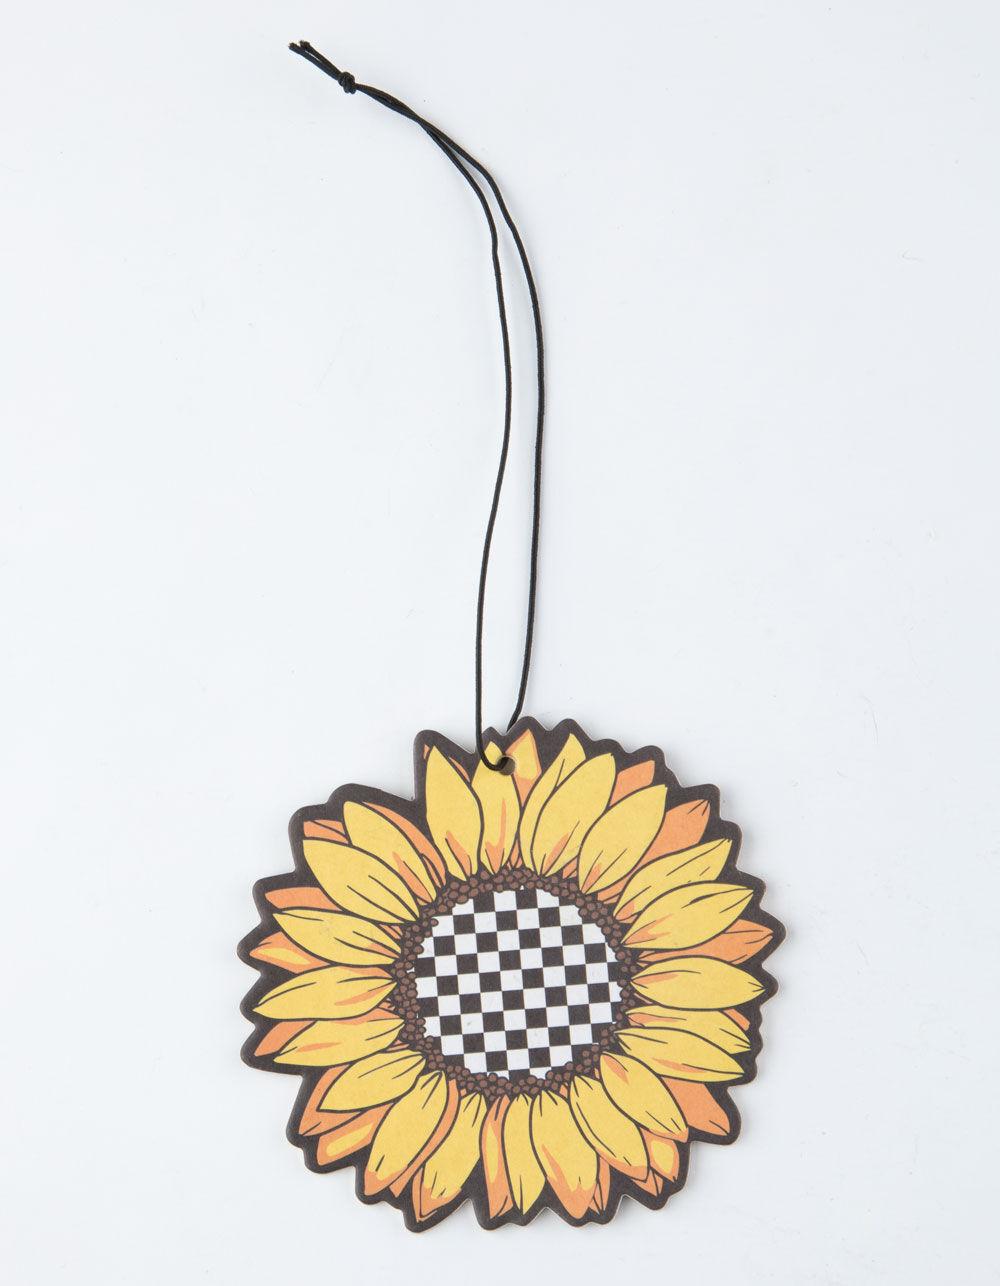 WHATEVER CO. Sunflower Check Air Freshener